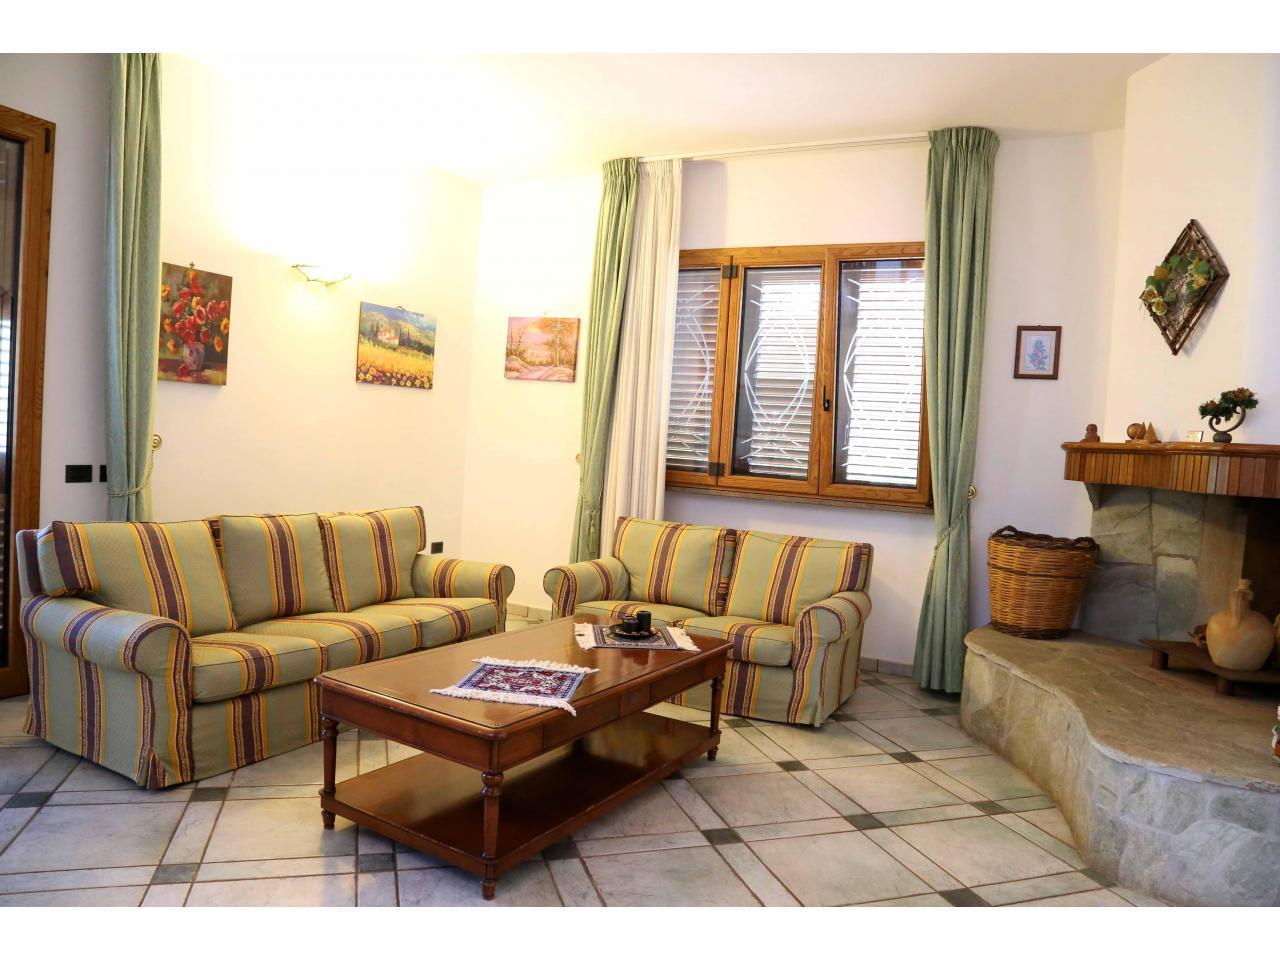 Эксклюзивная вилла для отдыха в Алессано, Апулия, Италия - 3